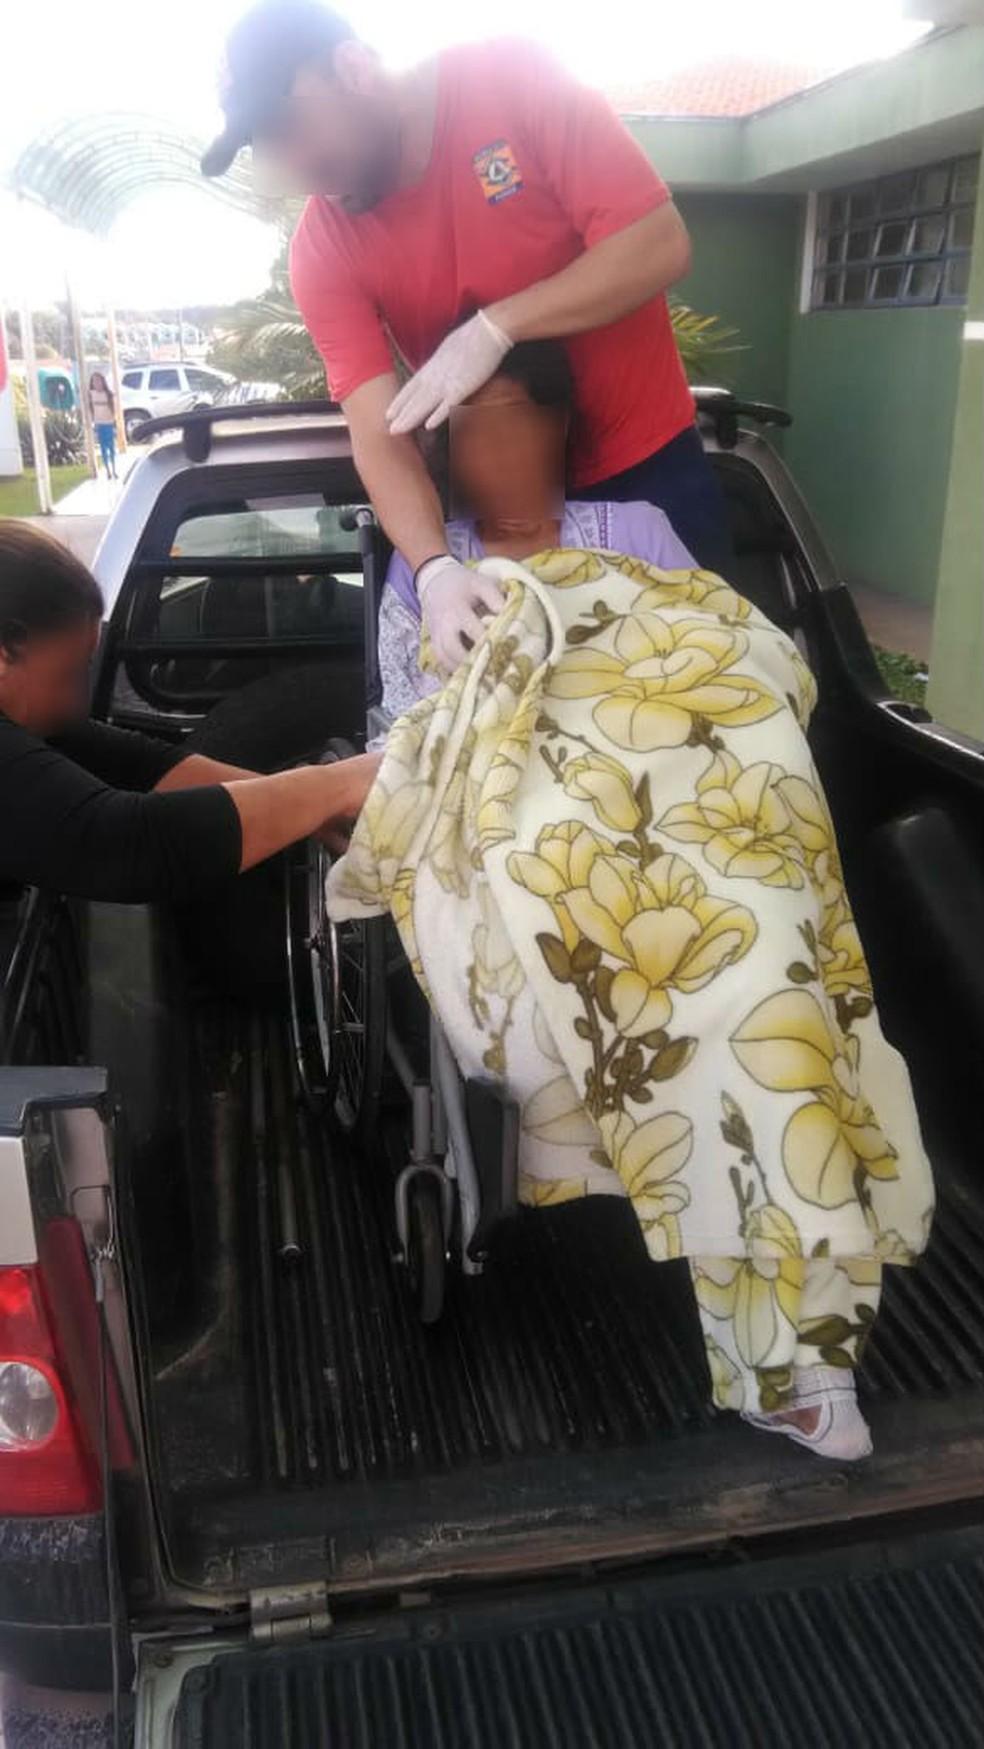 A ambulância utilizada pelos bombeiros comunitários, segundo o órgão, está quebrada. (Foto: João Weliton/Divulgação)